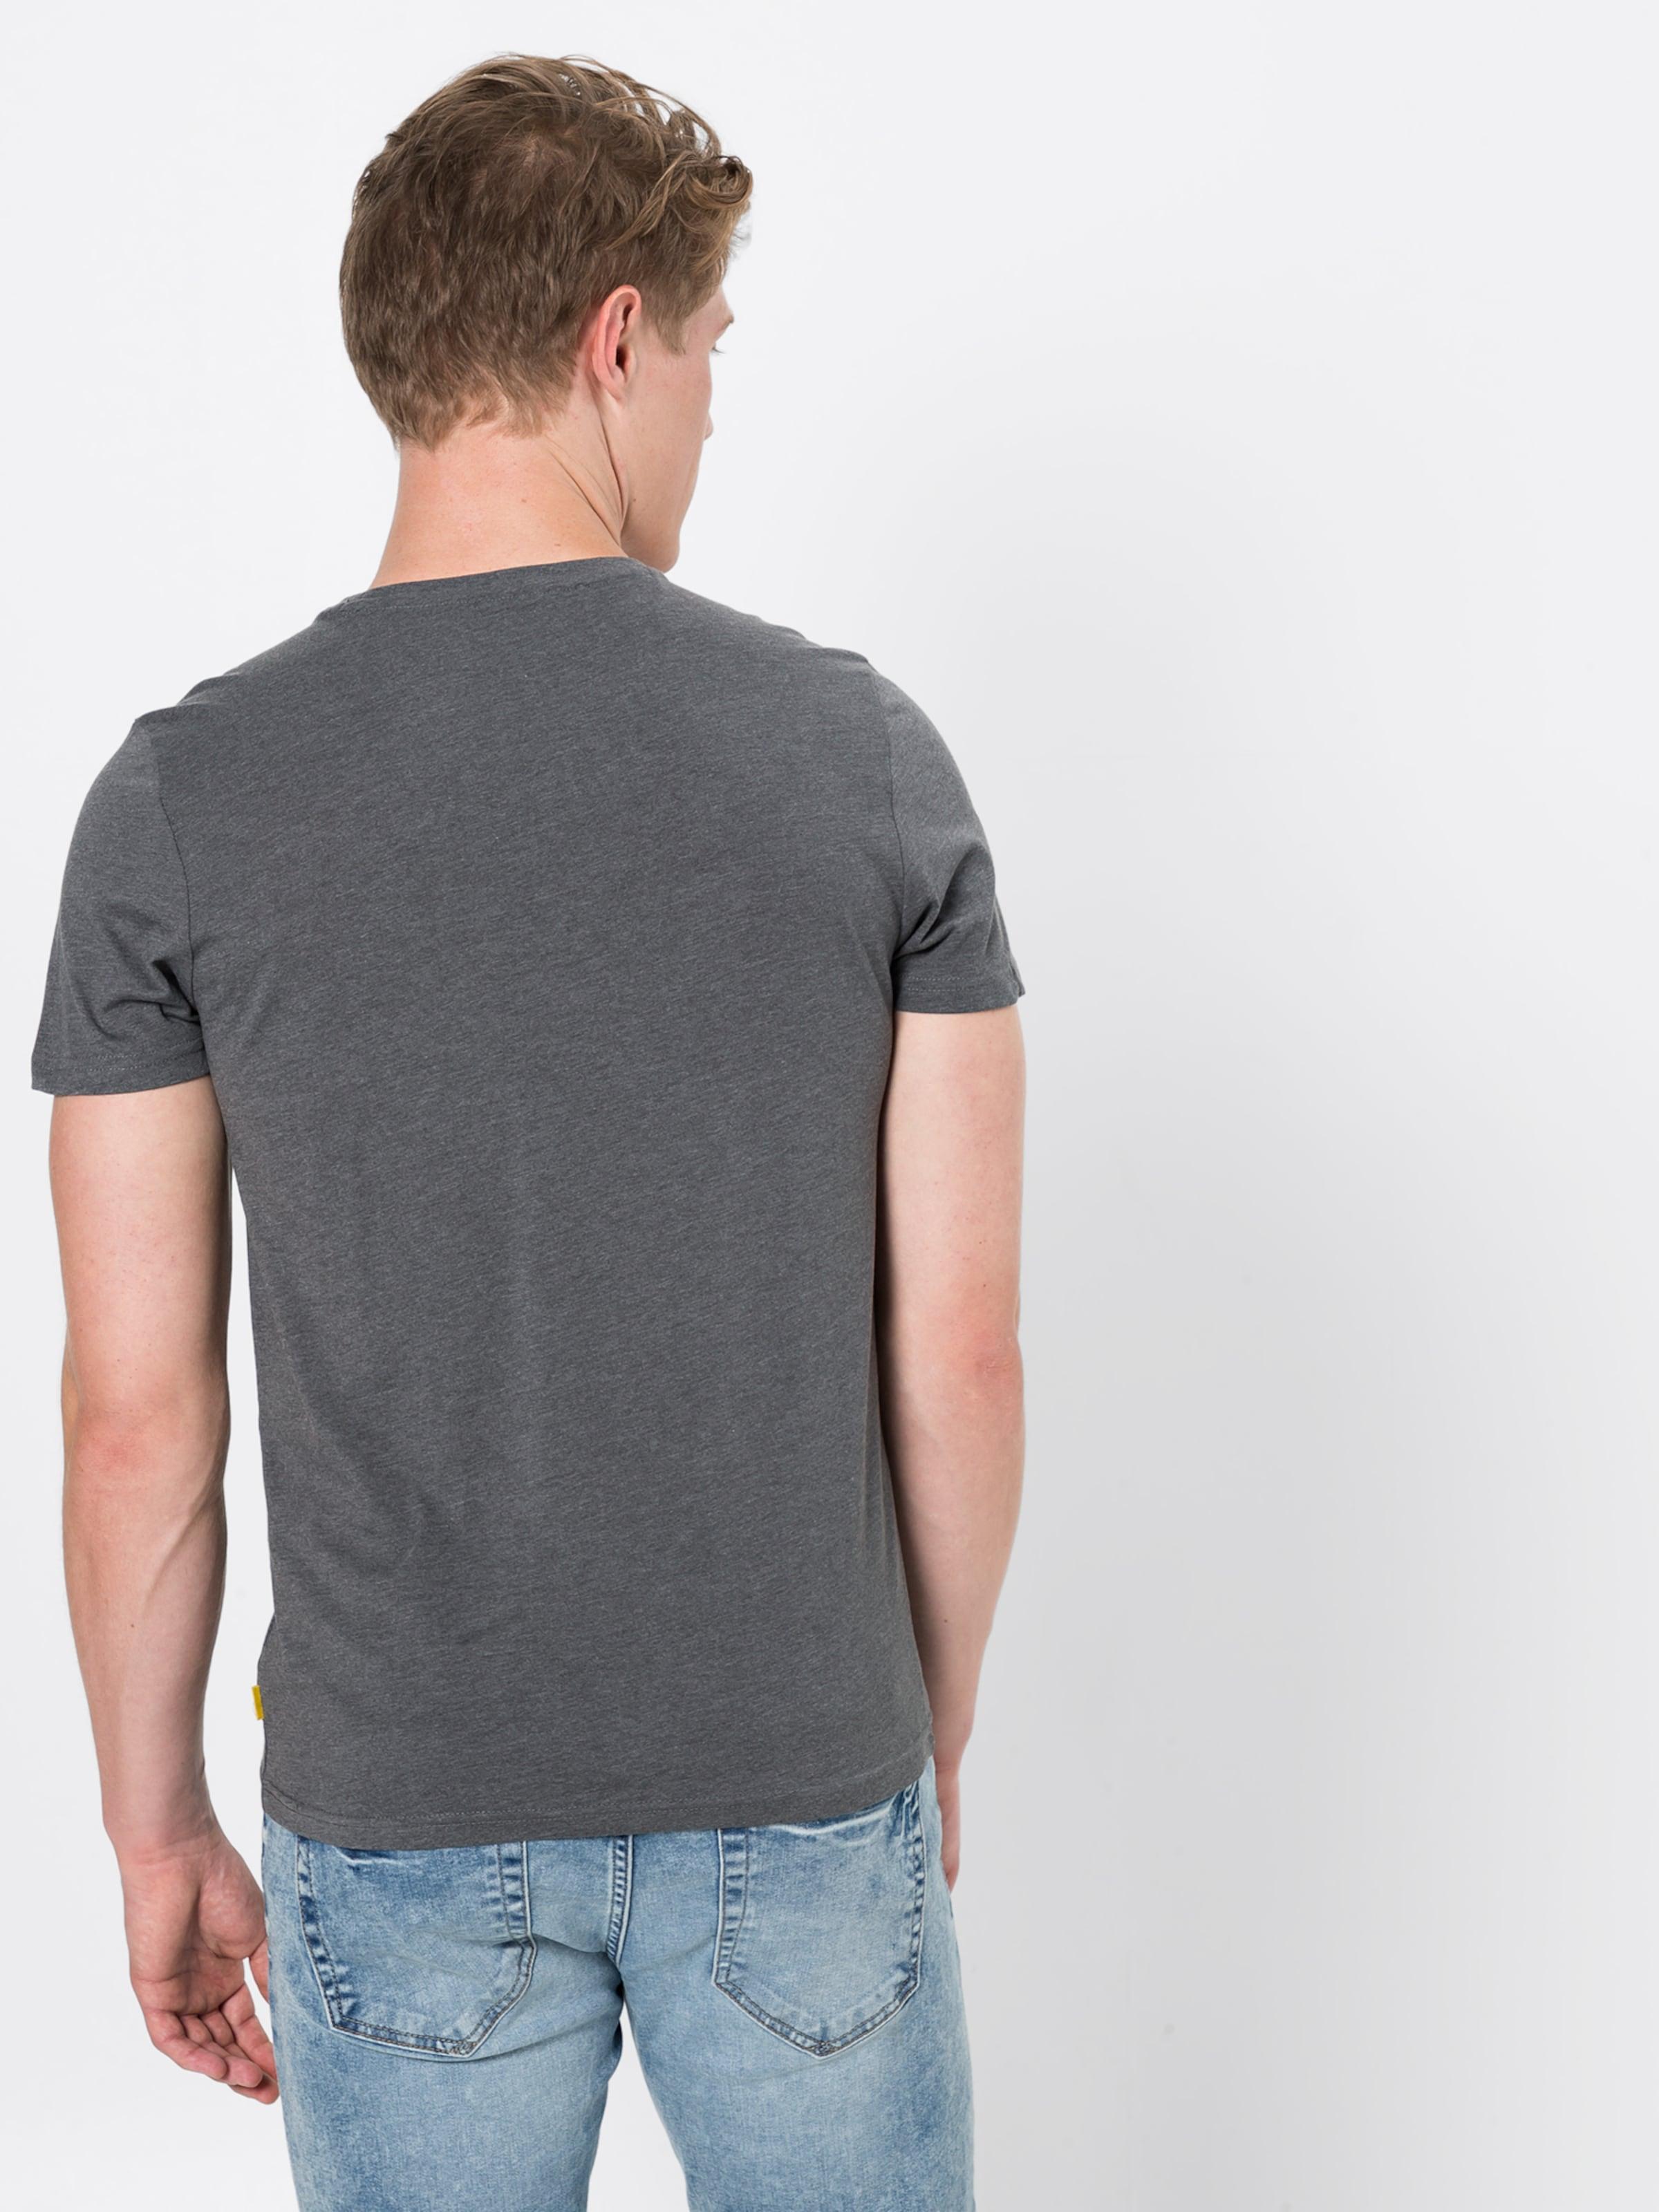 Tom shirt T Tailor Foncé En Gris thQrdCs